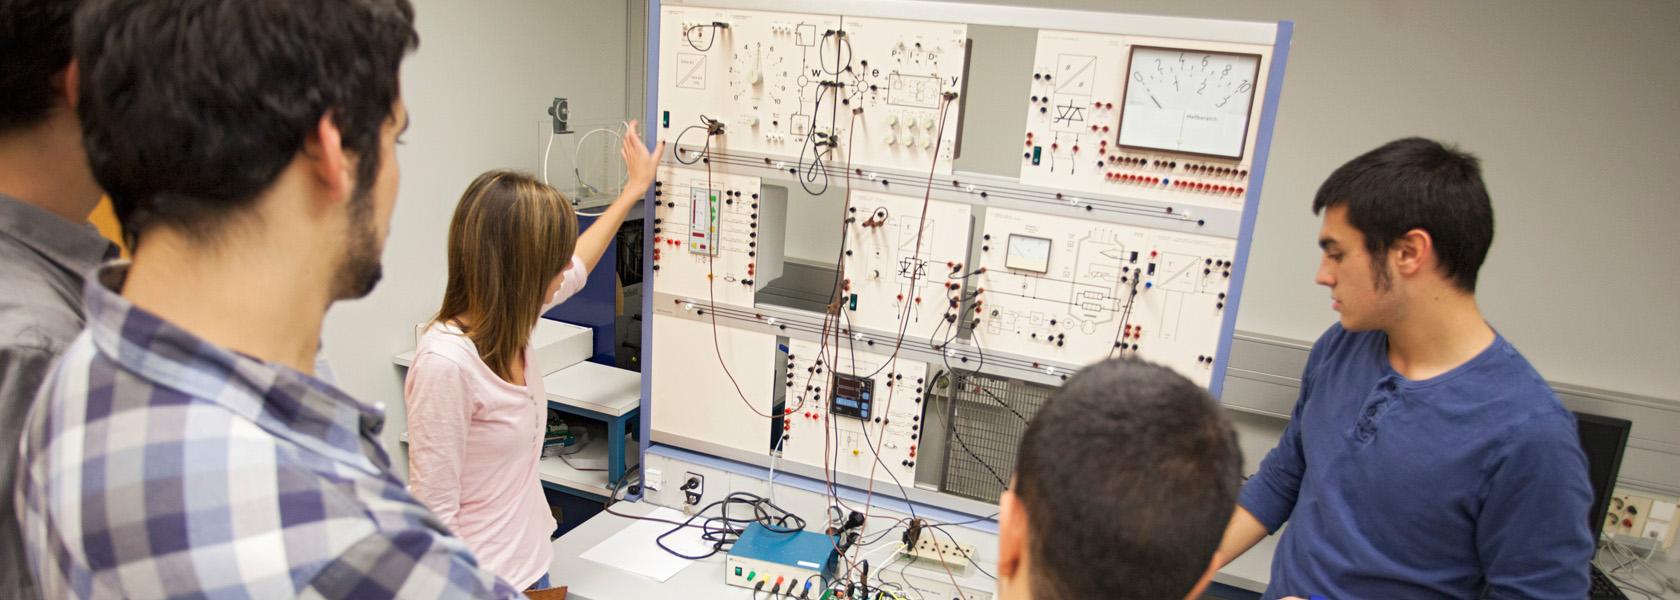 Grado en ingenier a en electr nica industrial y autom tica for Horario oficina ing barcelona